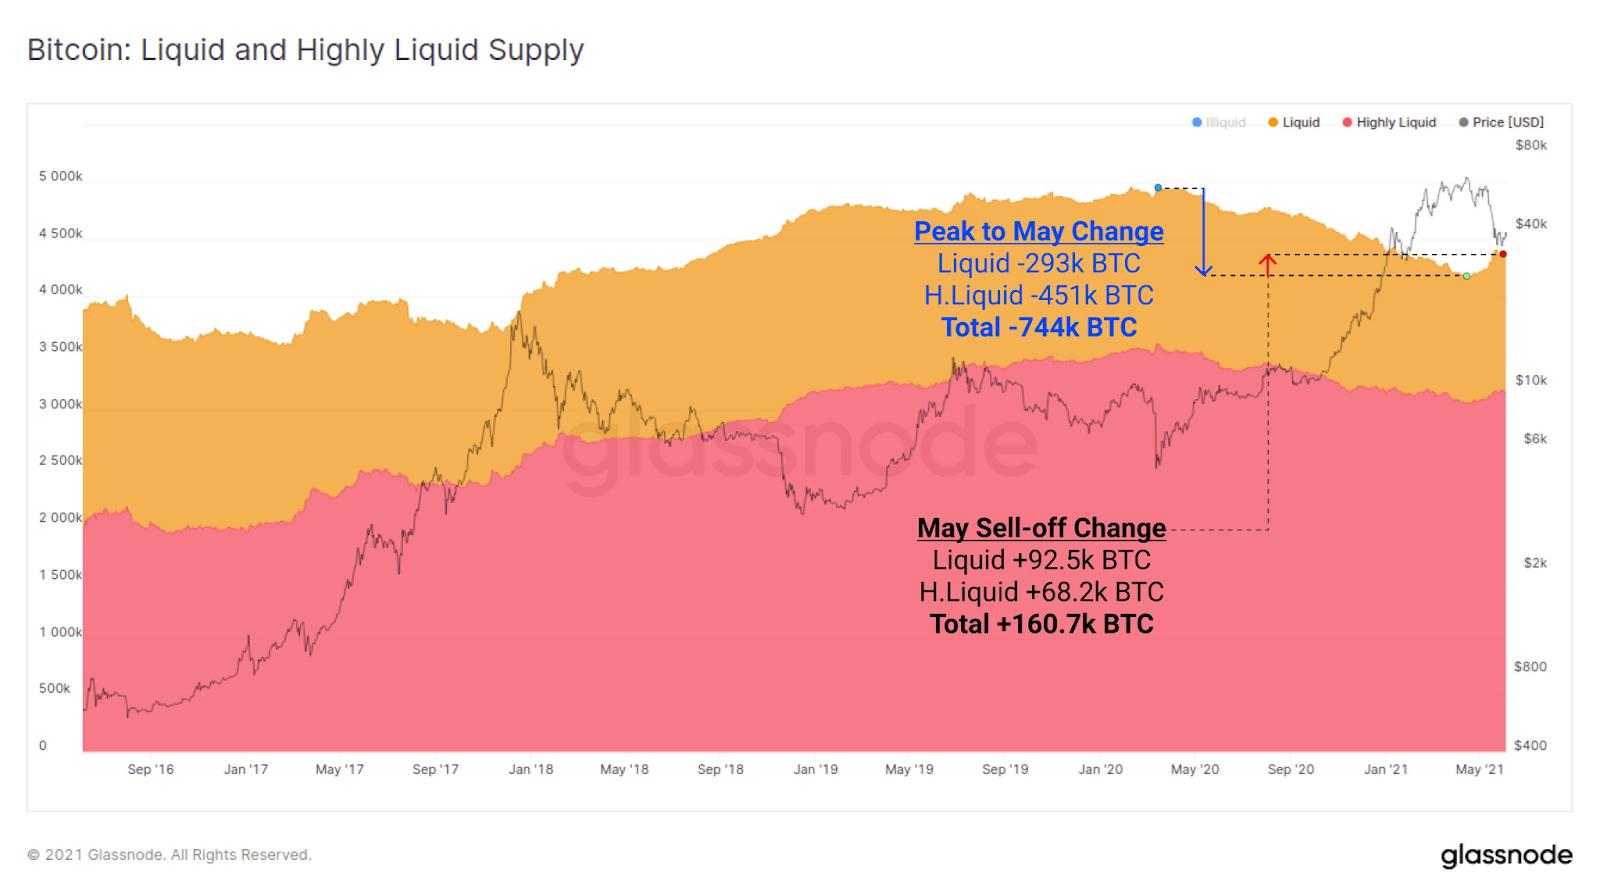 BTC Liquid and Highly Liquid Supply